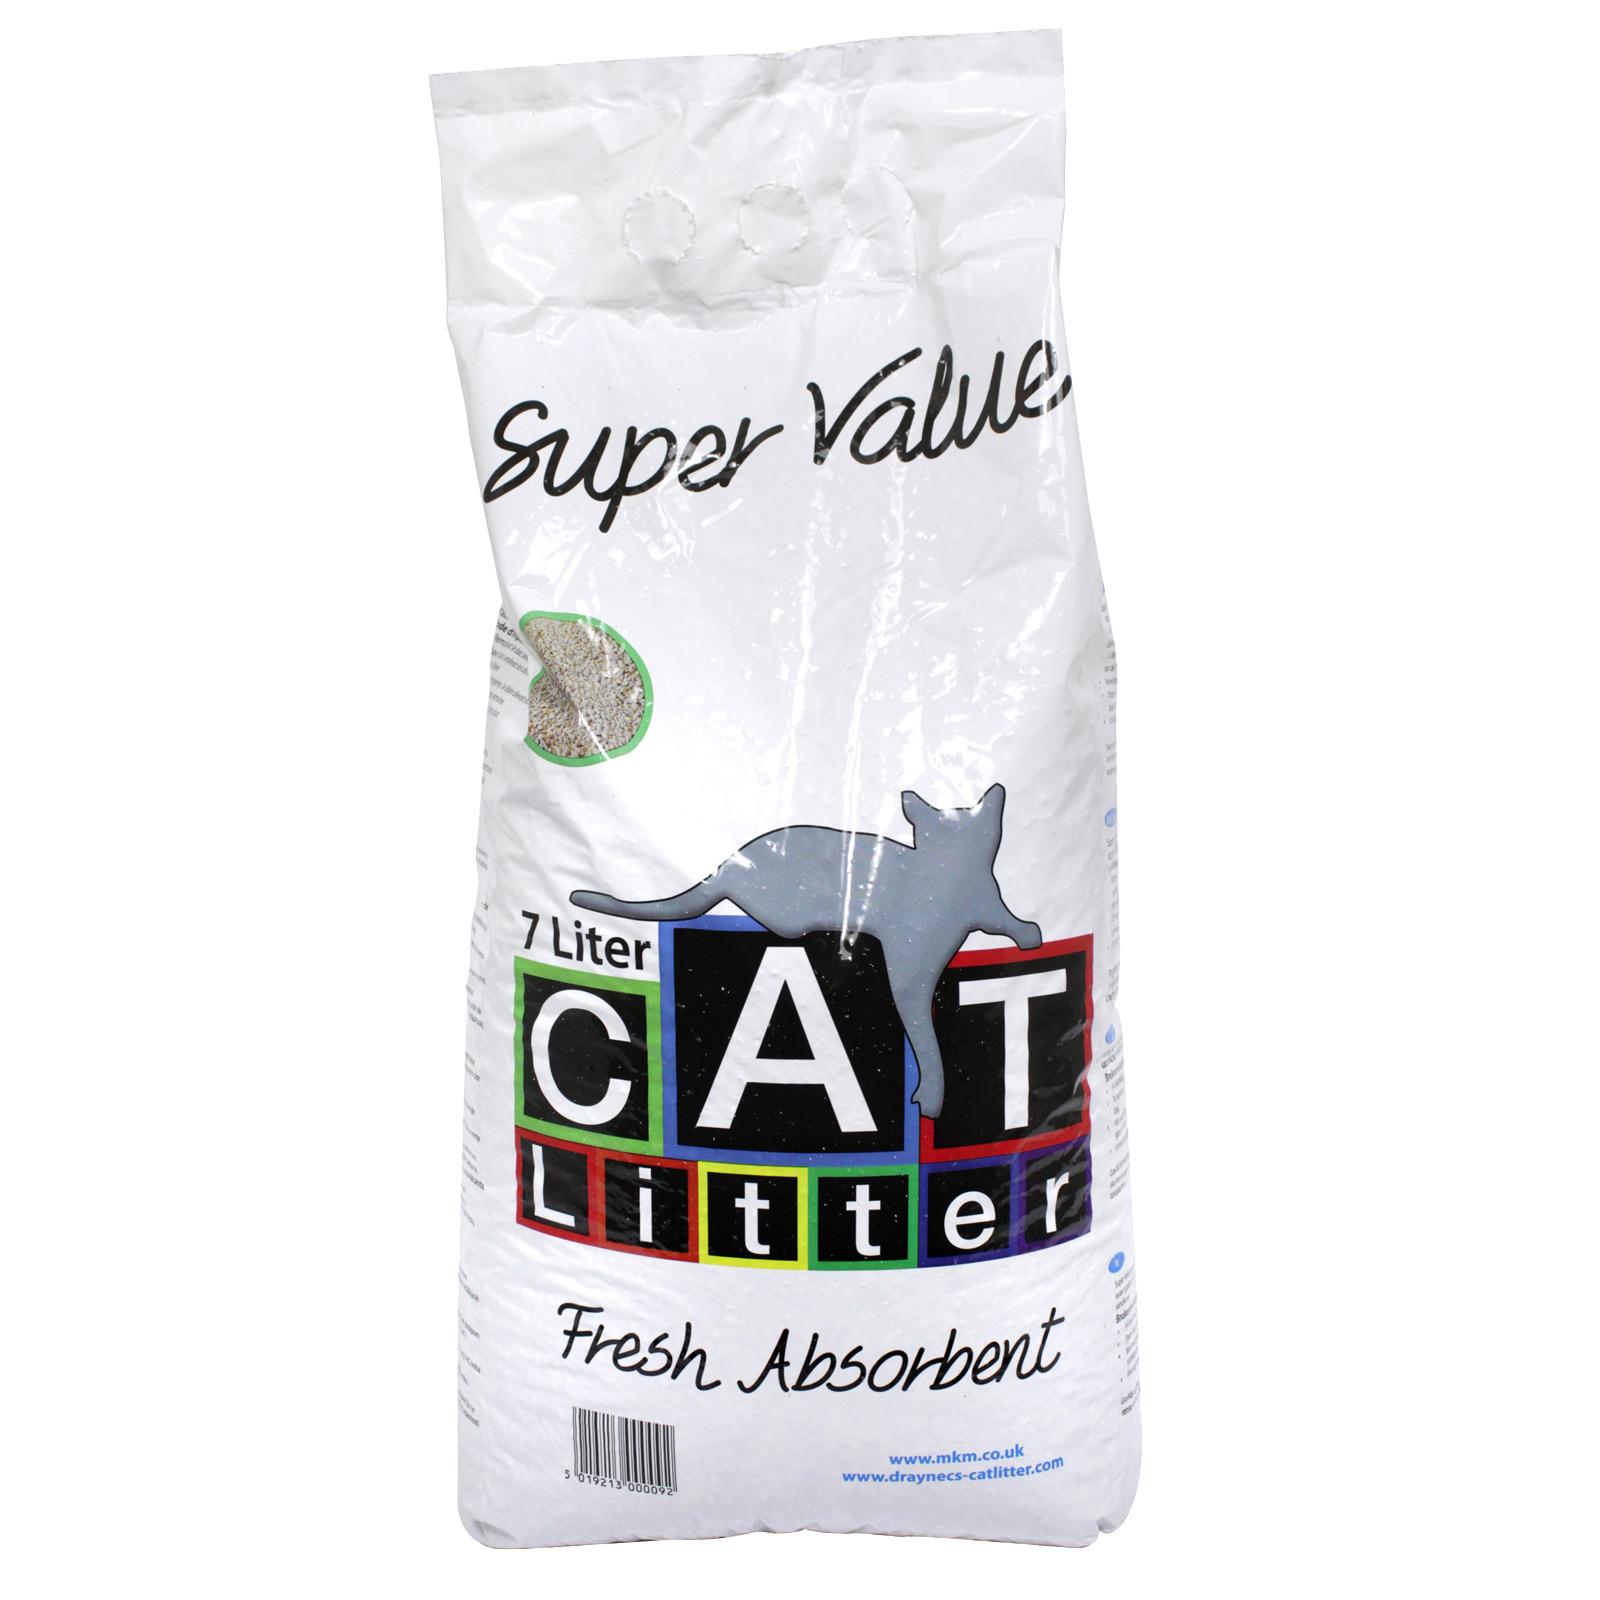 SUPERVALUE CAT LITTER 7L